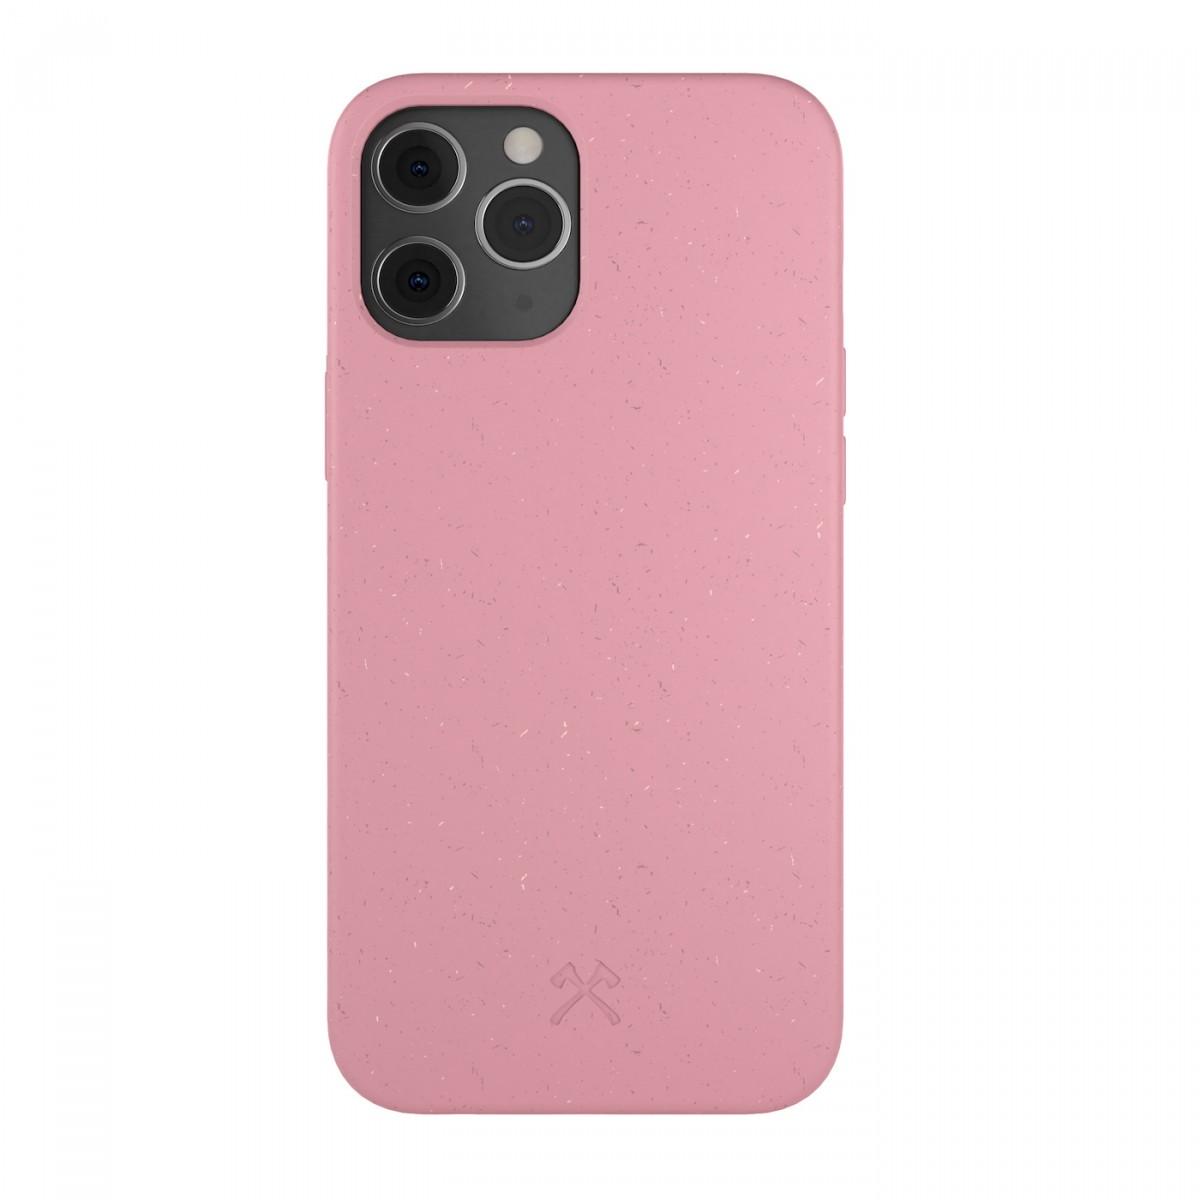 Woodcessoires – Nachhaltige iPhone Hülle aus Bio-Material für iPhone 12 / Mini / Pro / Pro Max (coralpink)